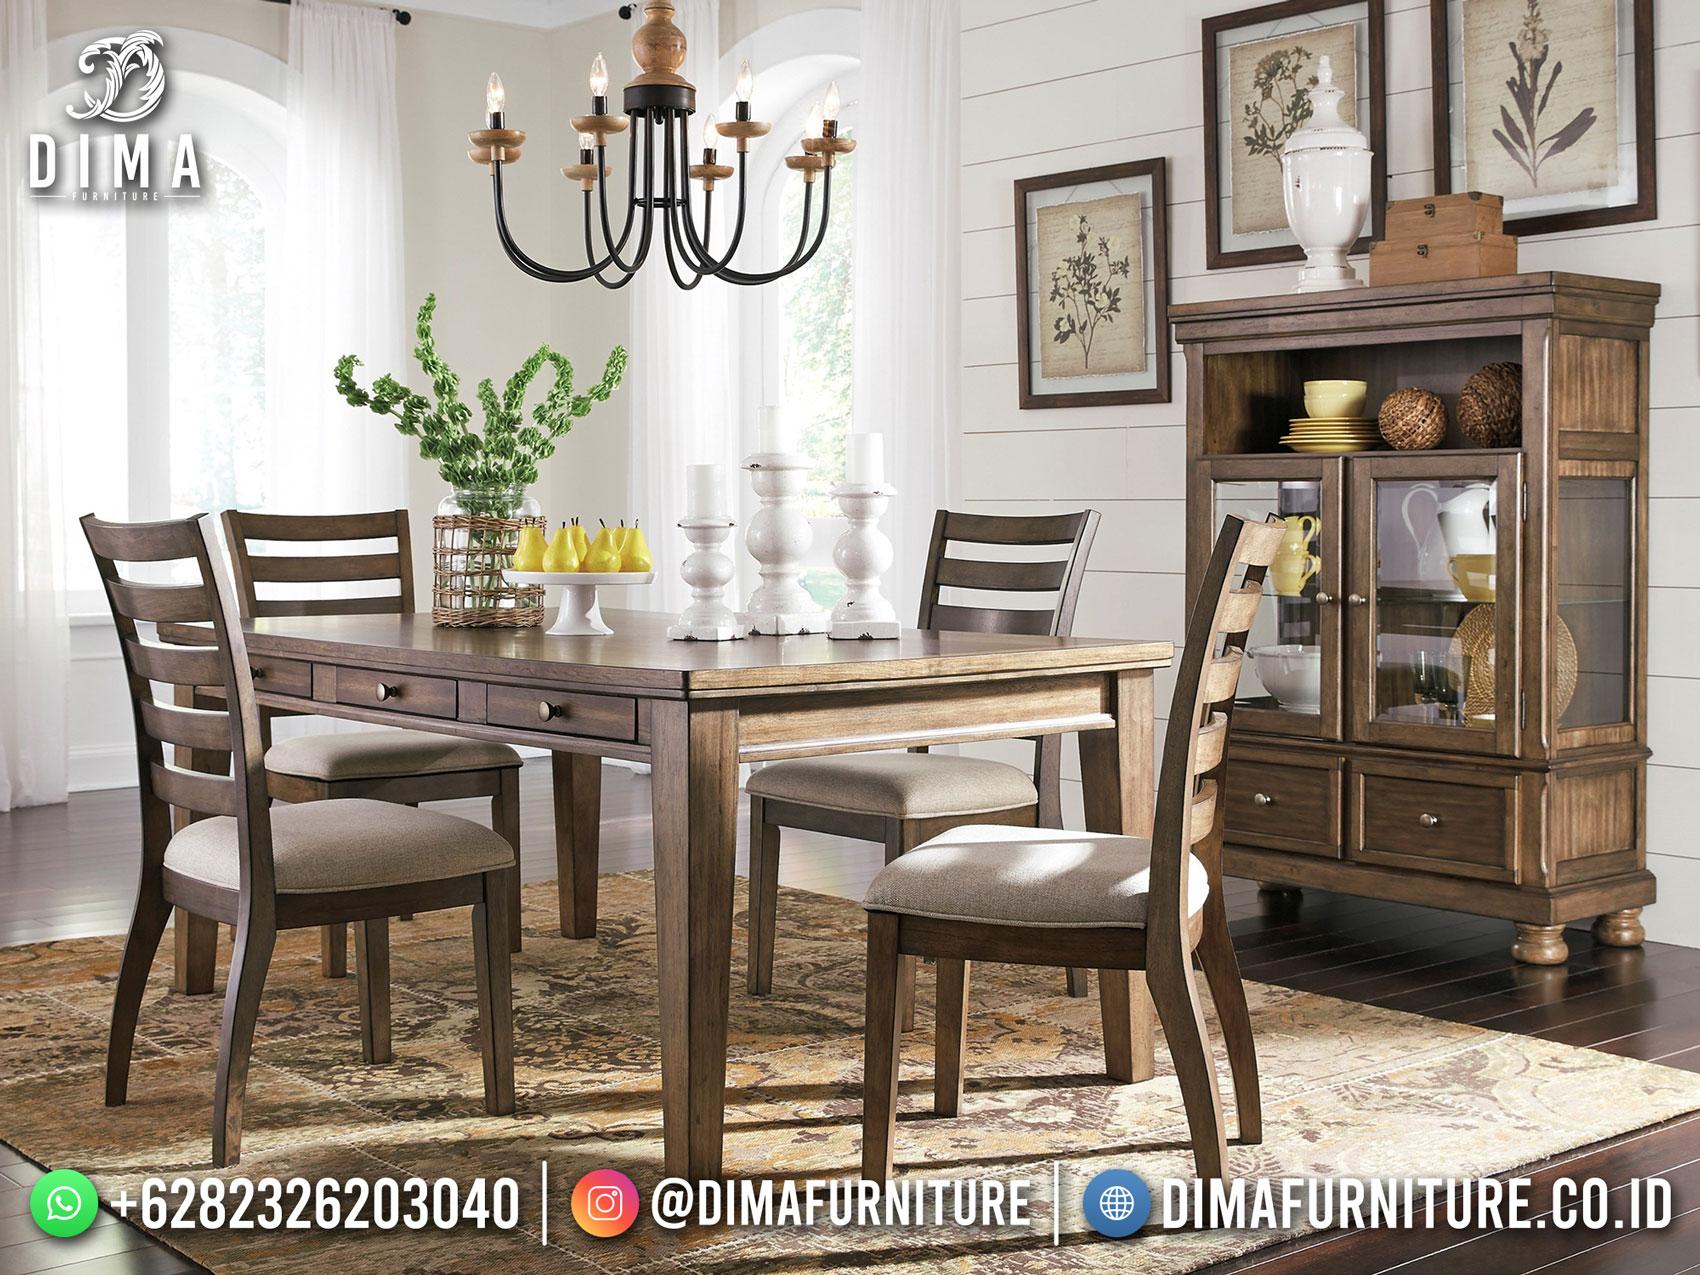 Desain Meja Makan Minimalis Jati Rustic Natural Vintage New 2021 TTJ-1741